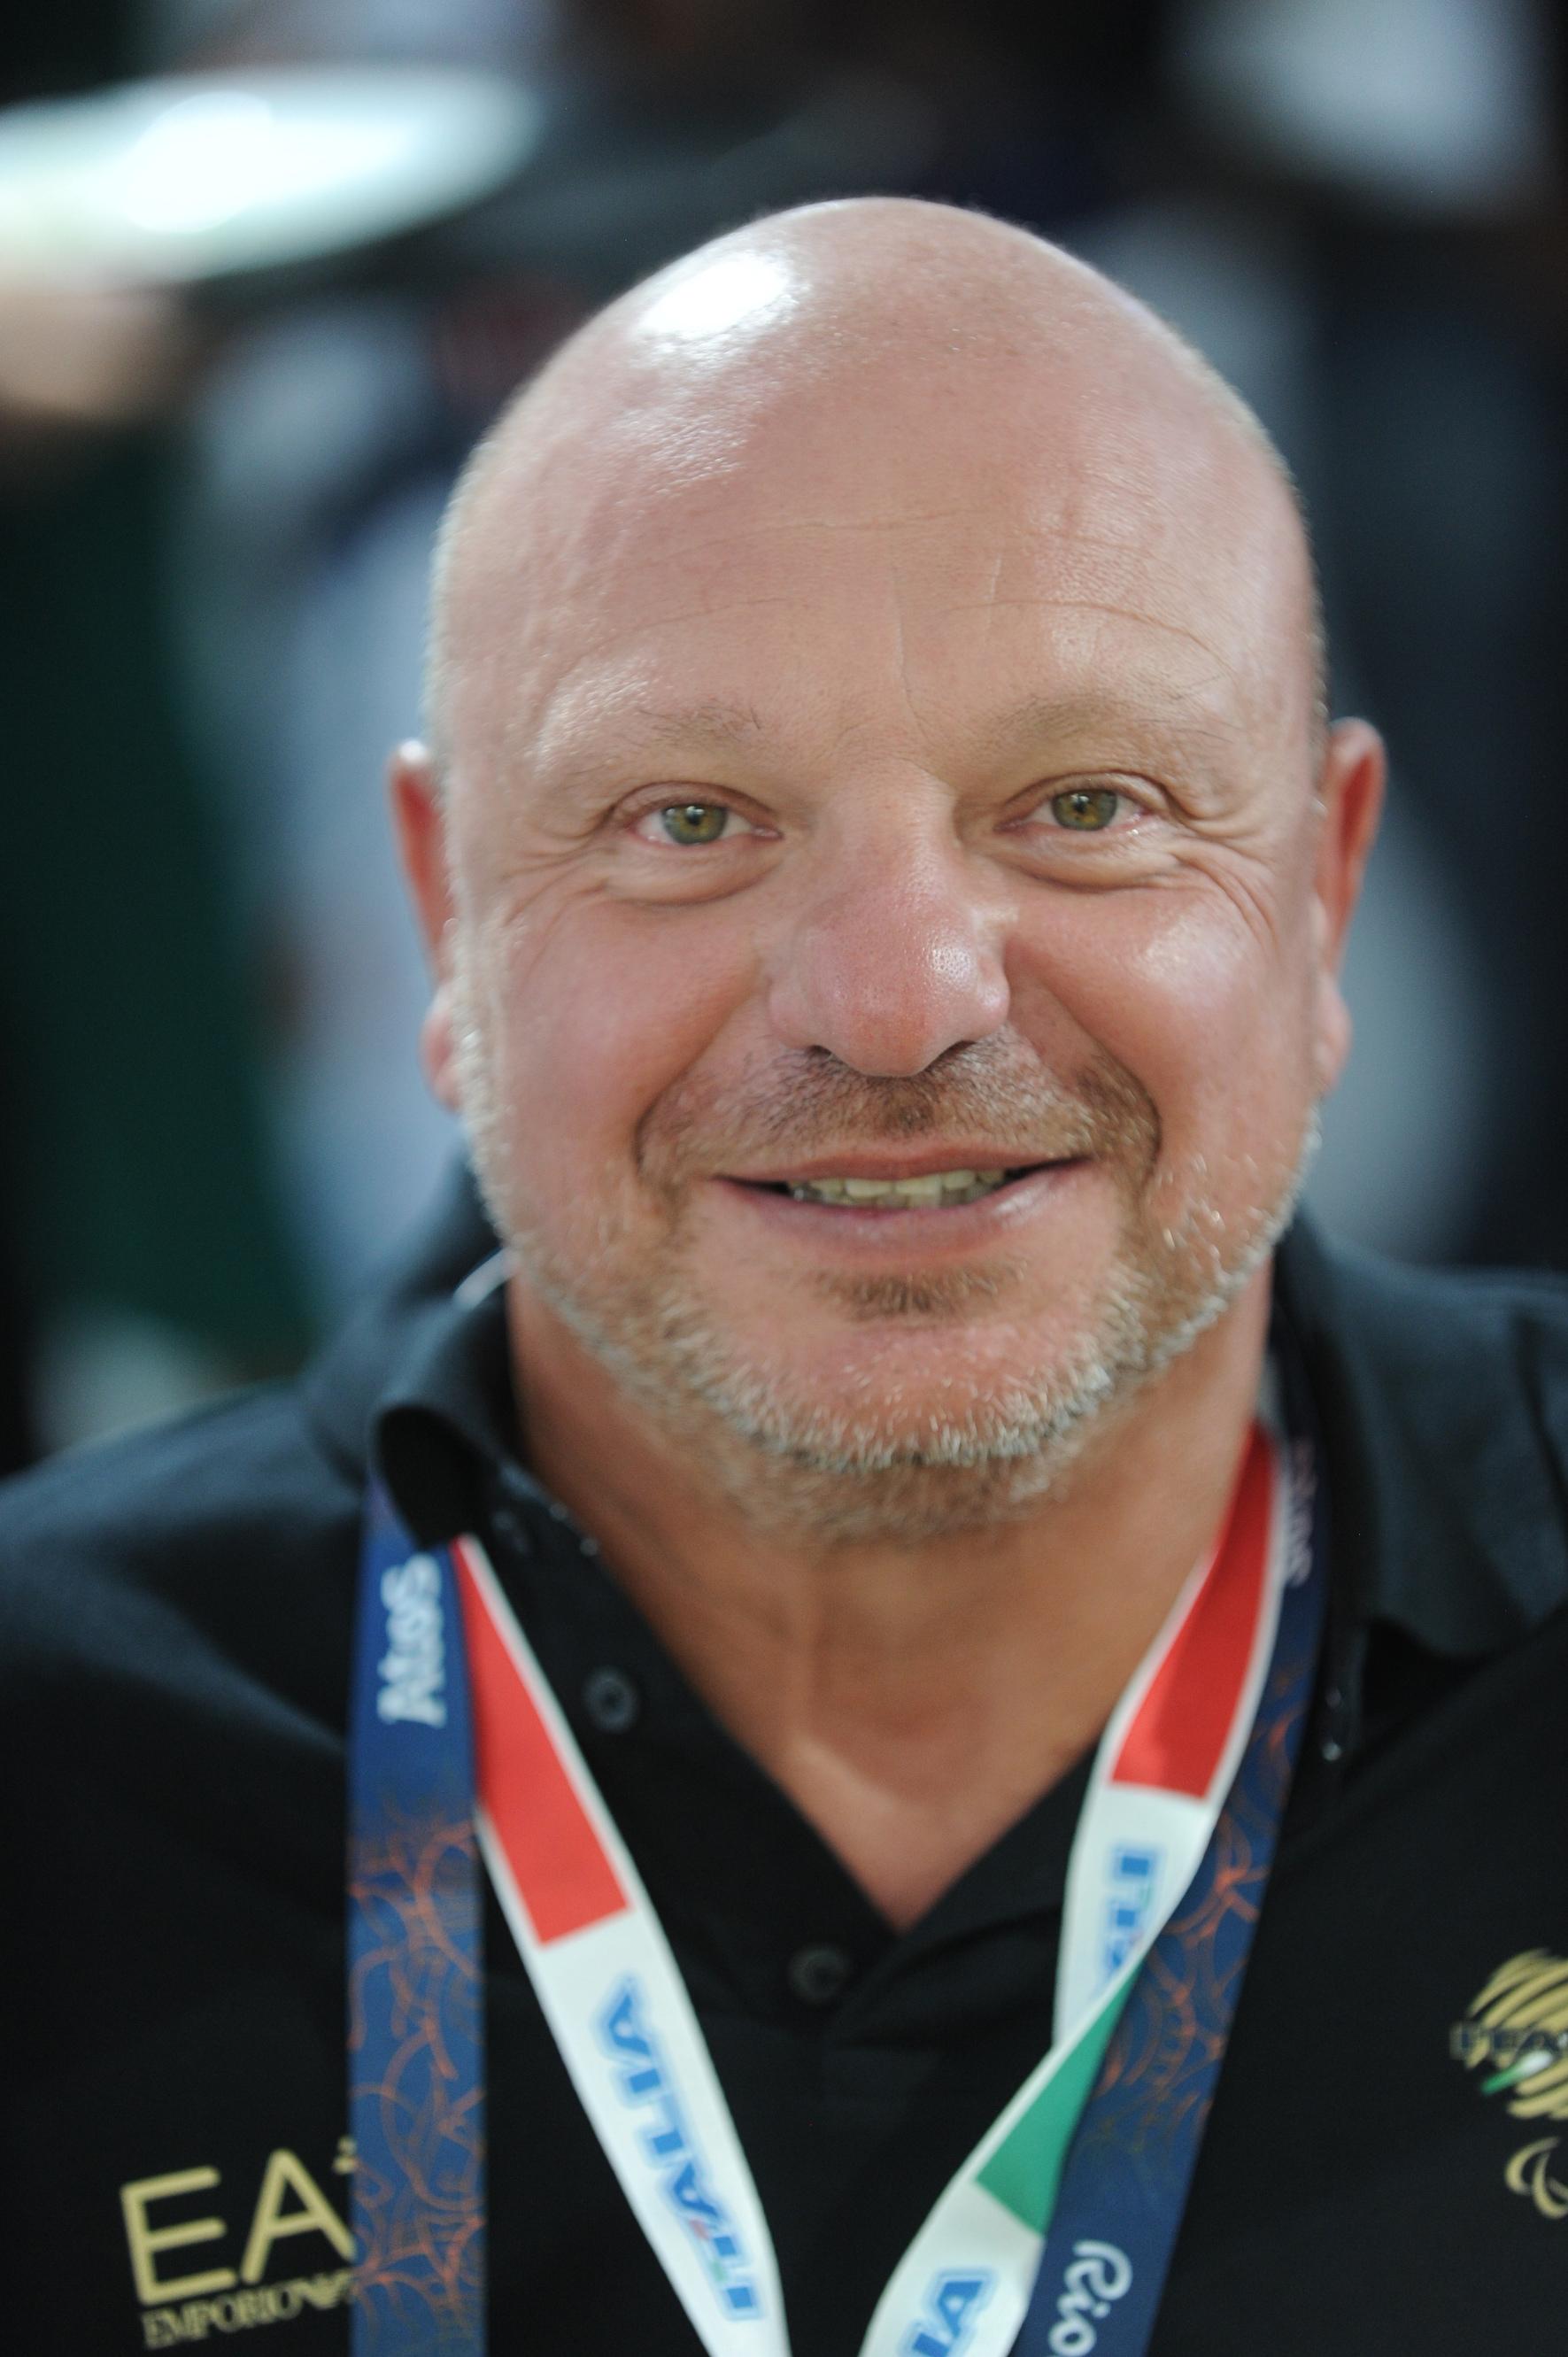 Alberto Corradi